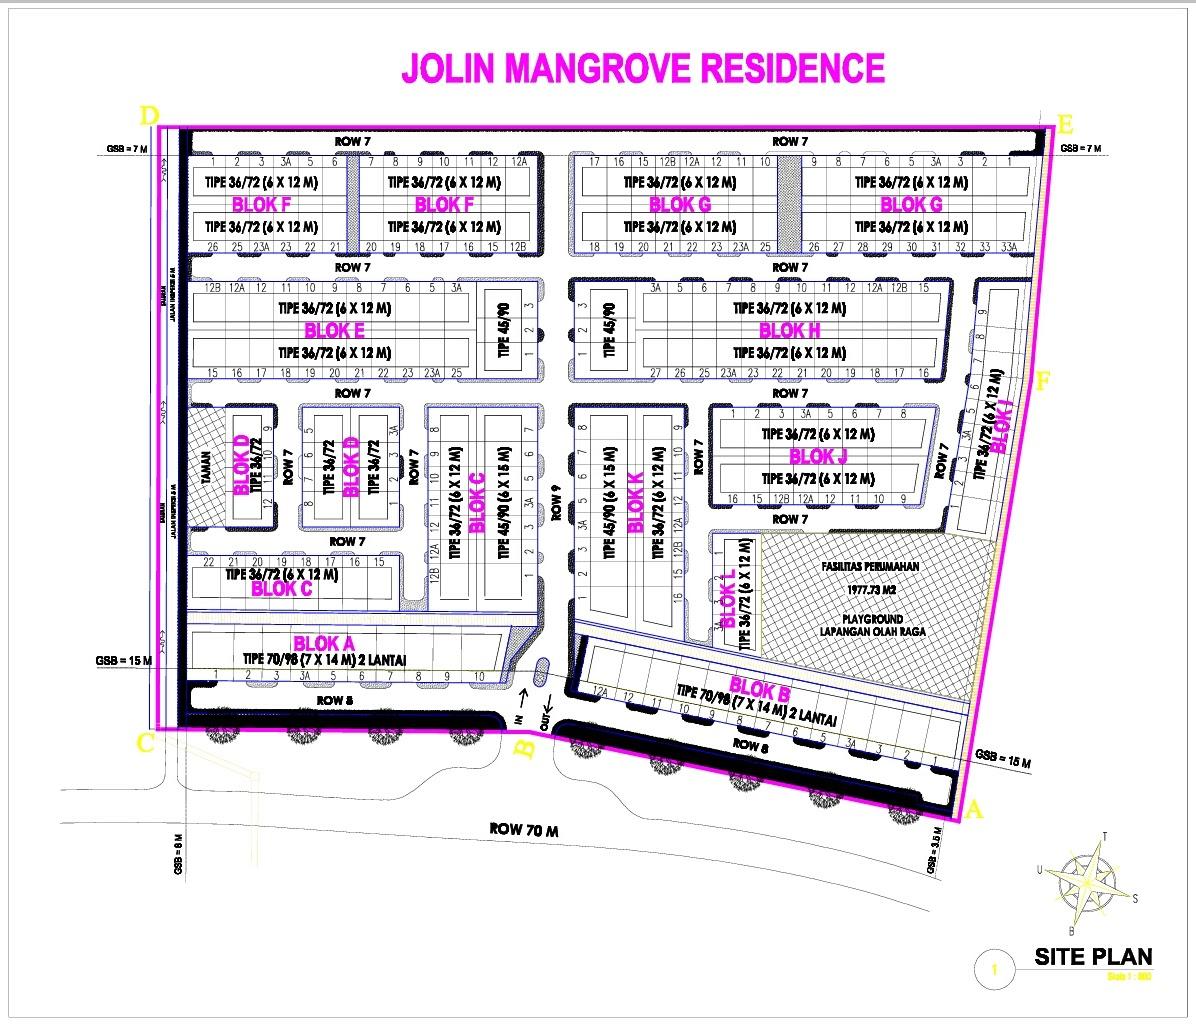 Jolin Mangrove Residence